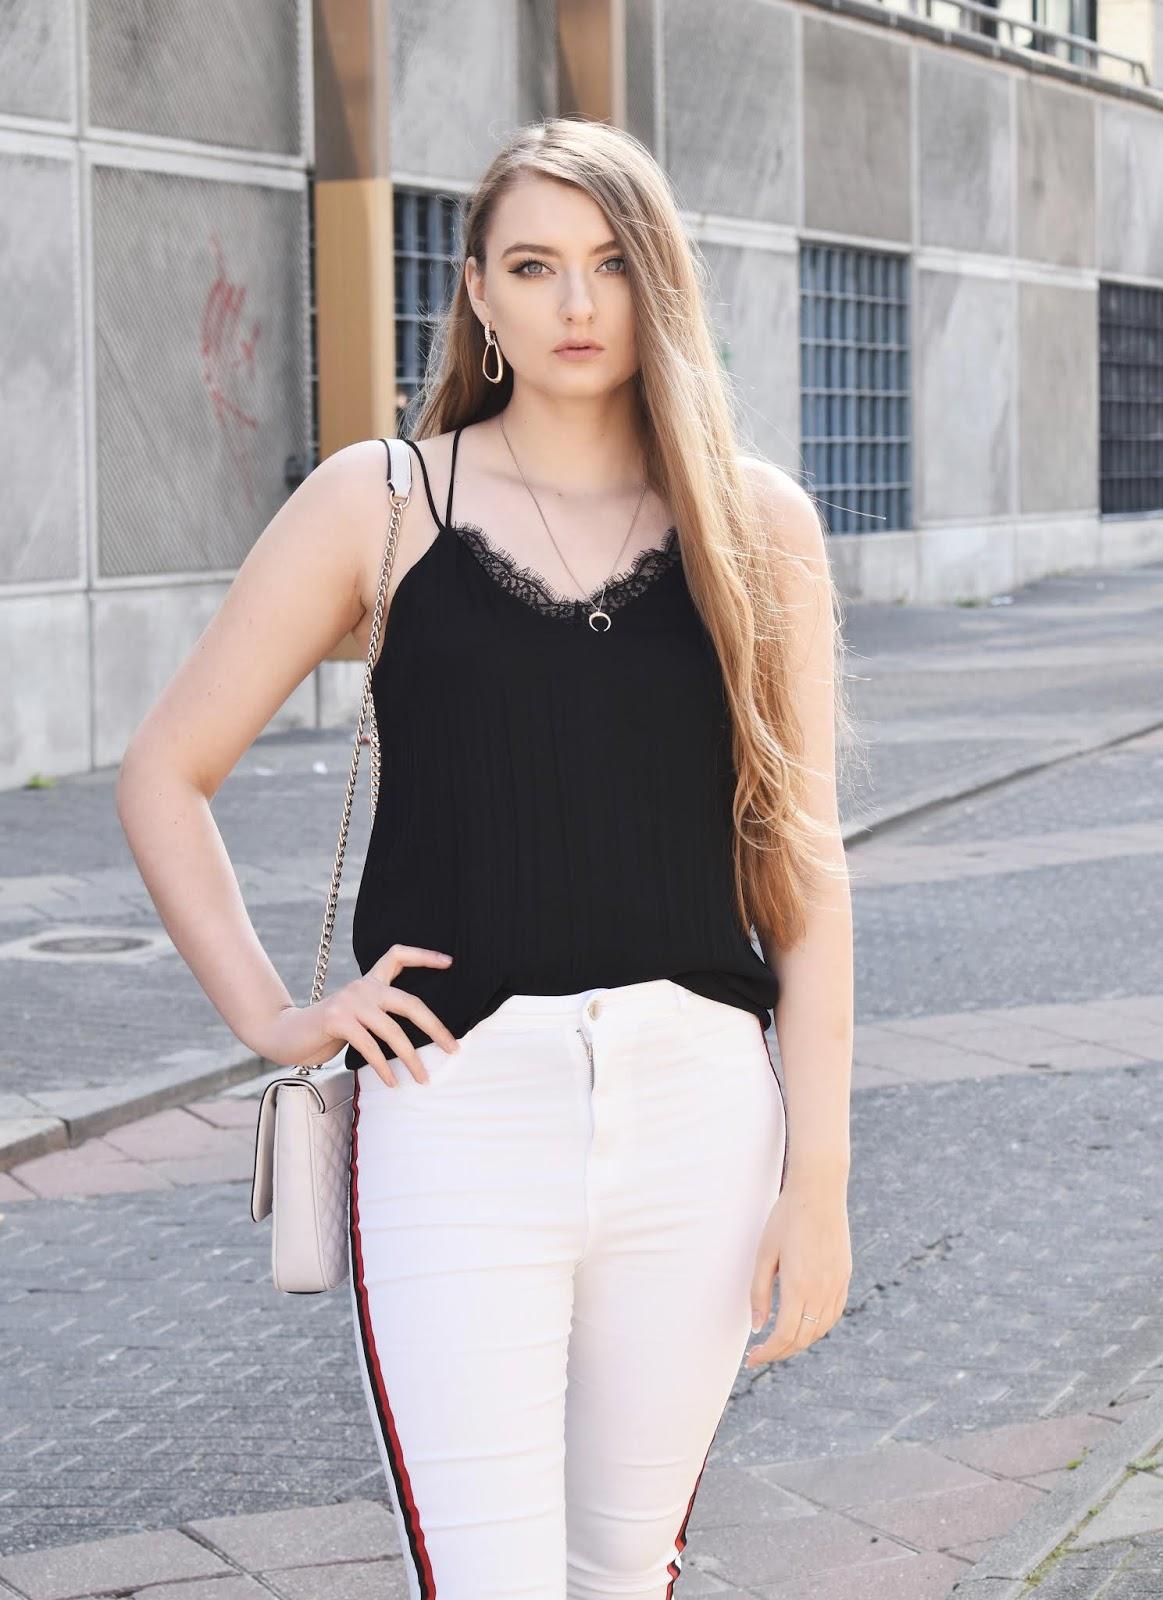 białe spodnie stylizacje 2018